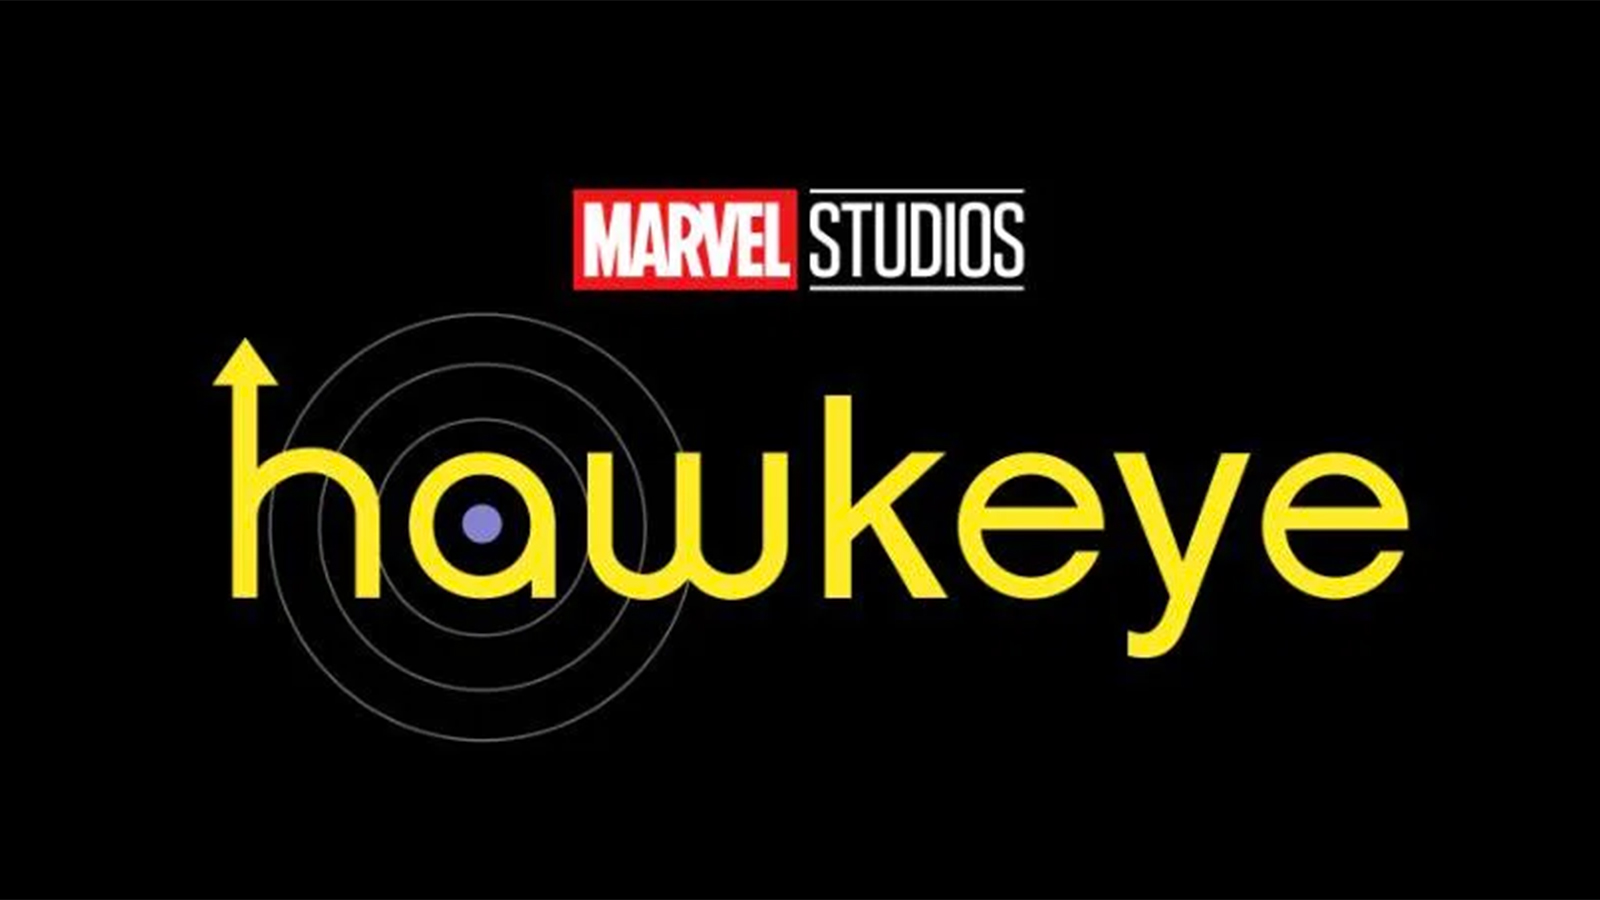 hawkeye logo marvel